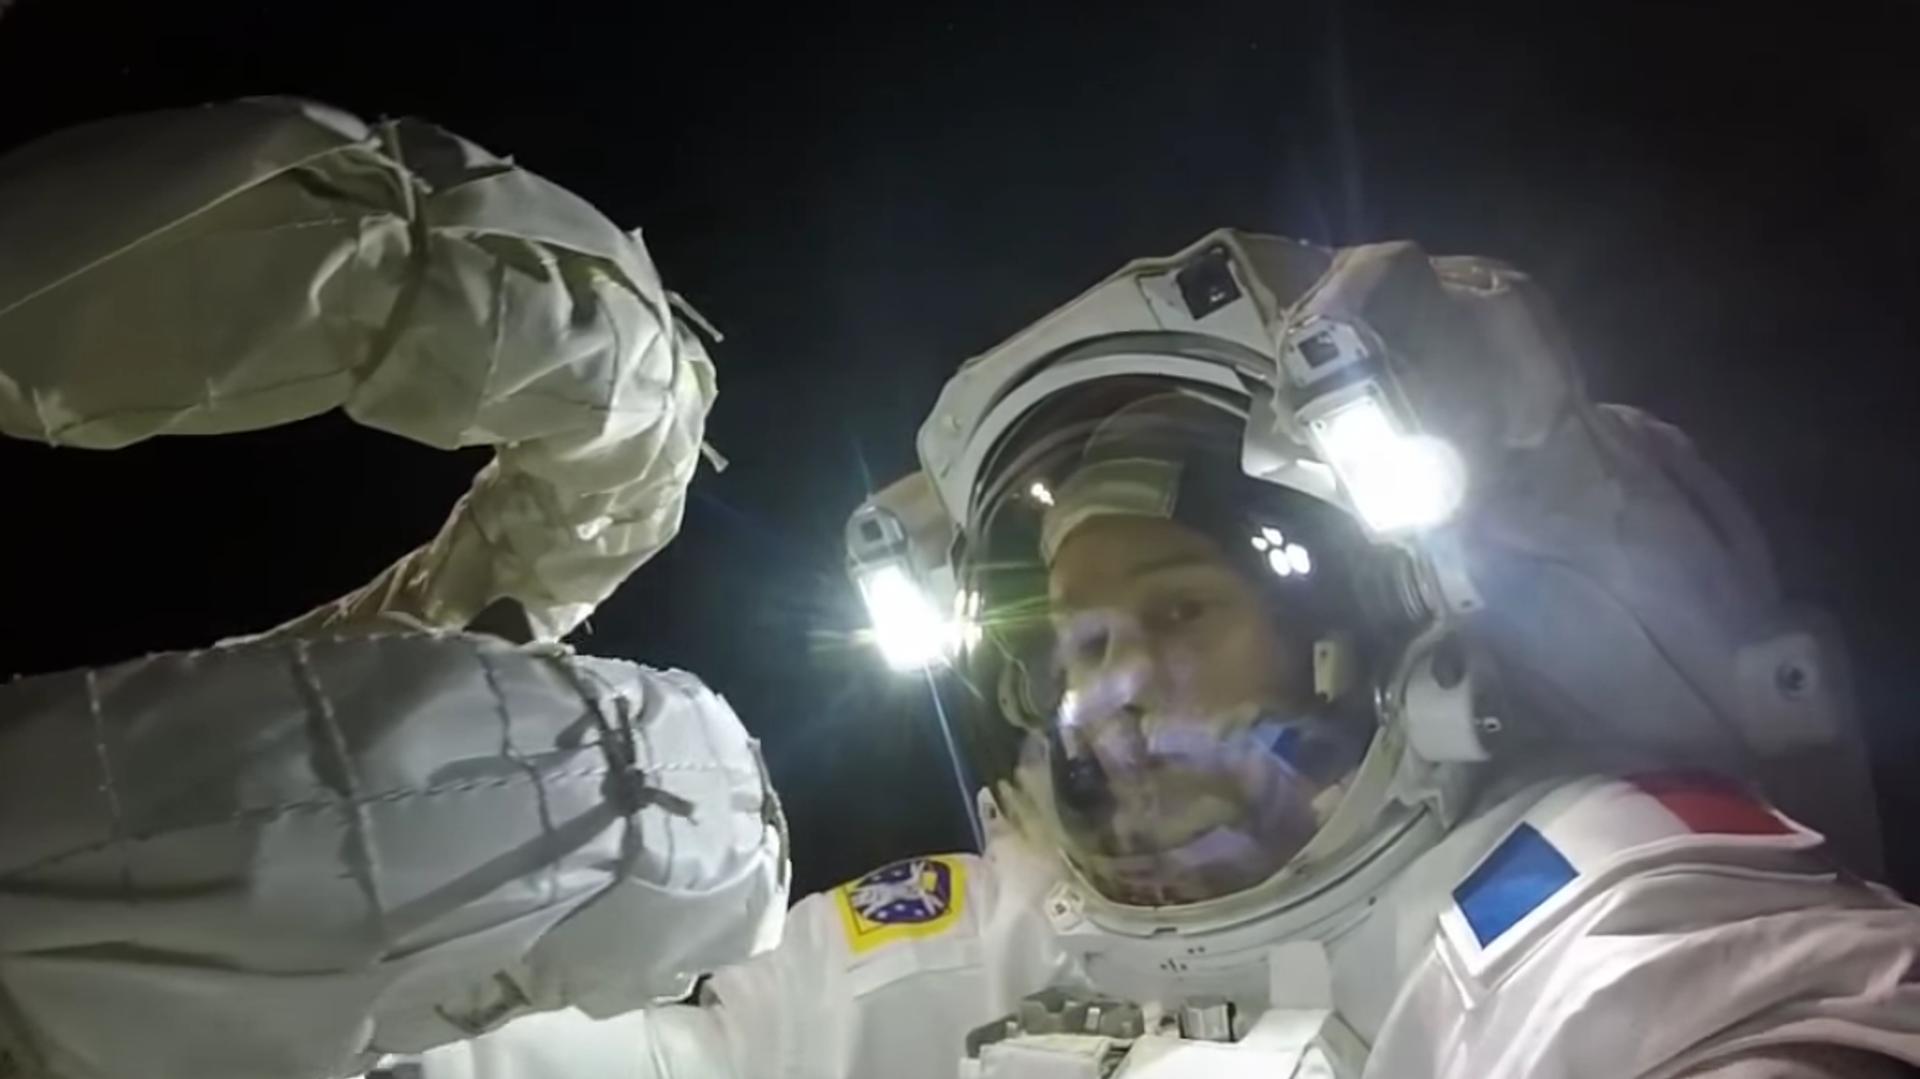 Thomas Pesquet durante su paseo espacial en la Estación Espacial Internacional - Sputnik Mundo, 1920, 12.04.2021